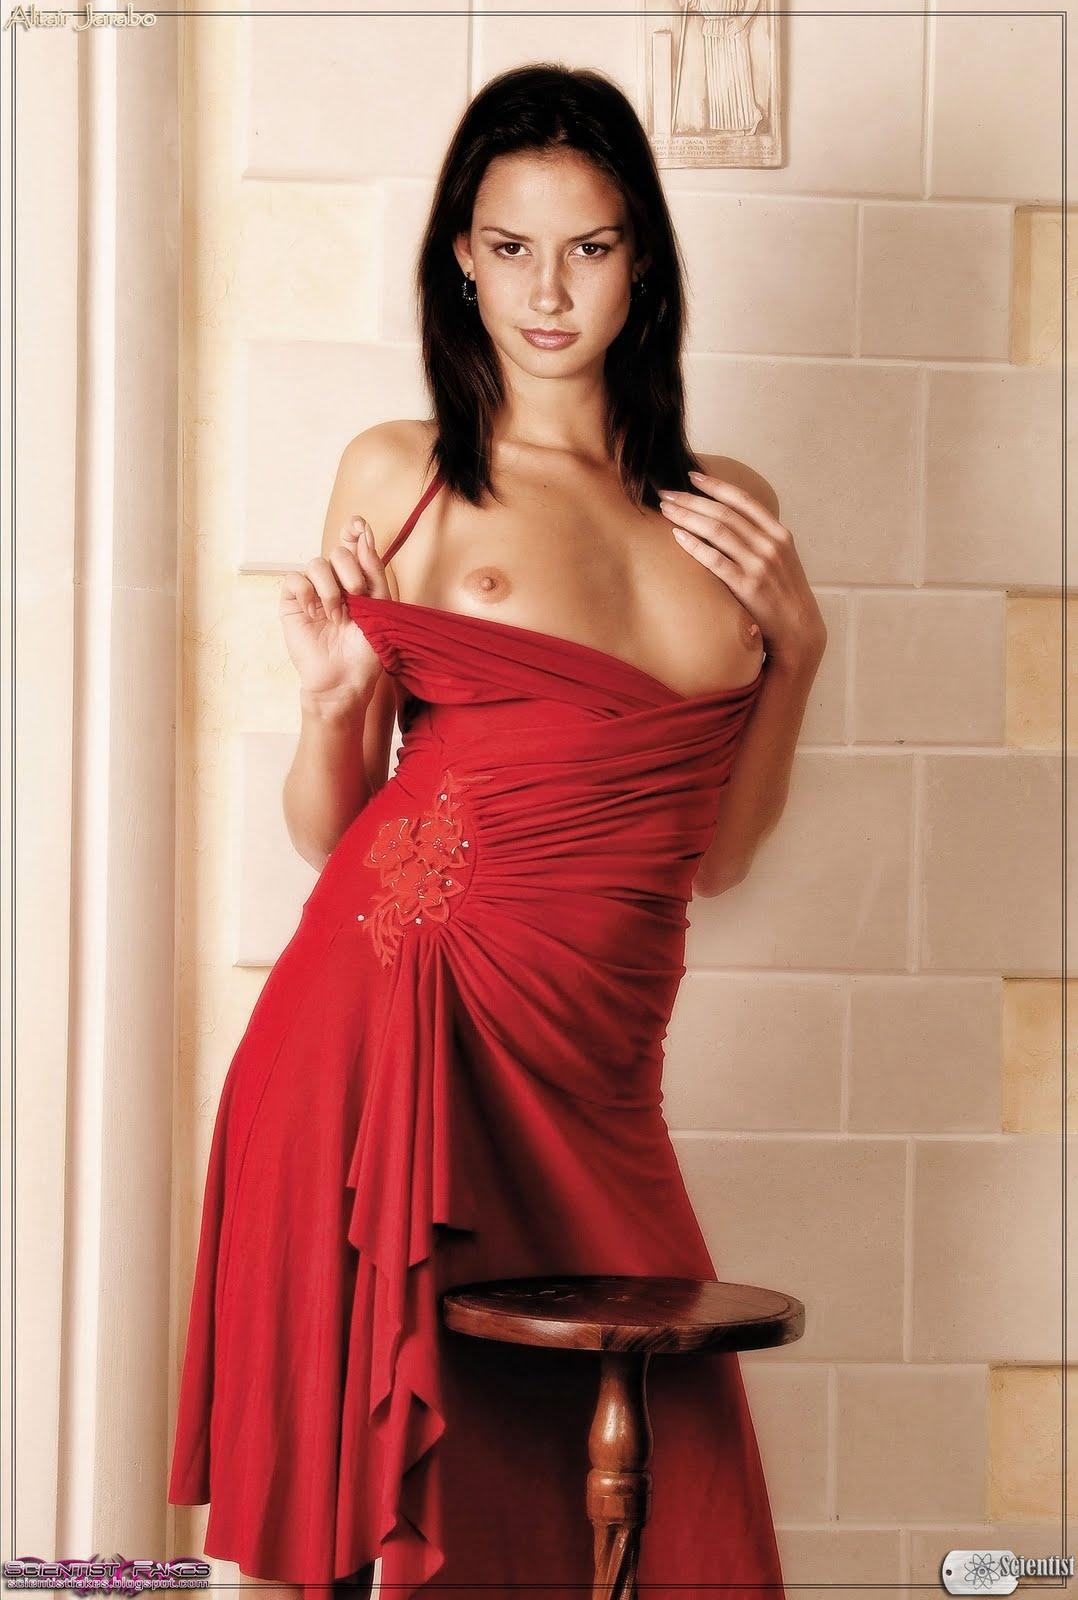 imagenes de alizo lozz desnuda